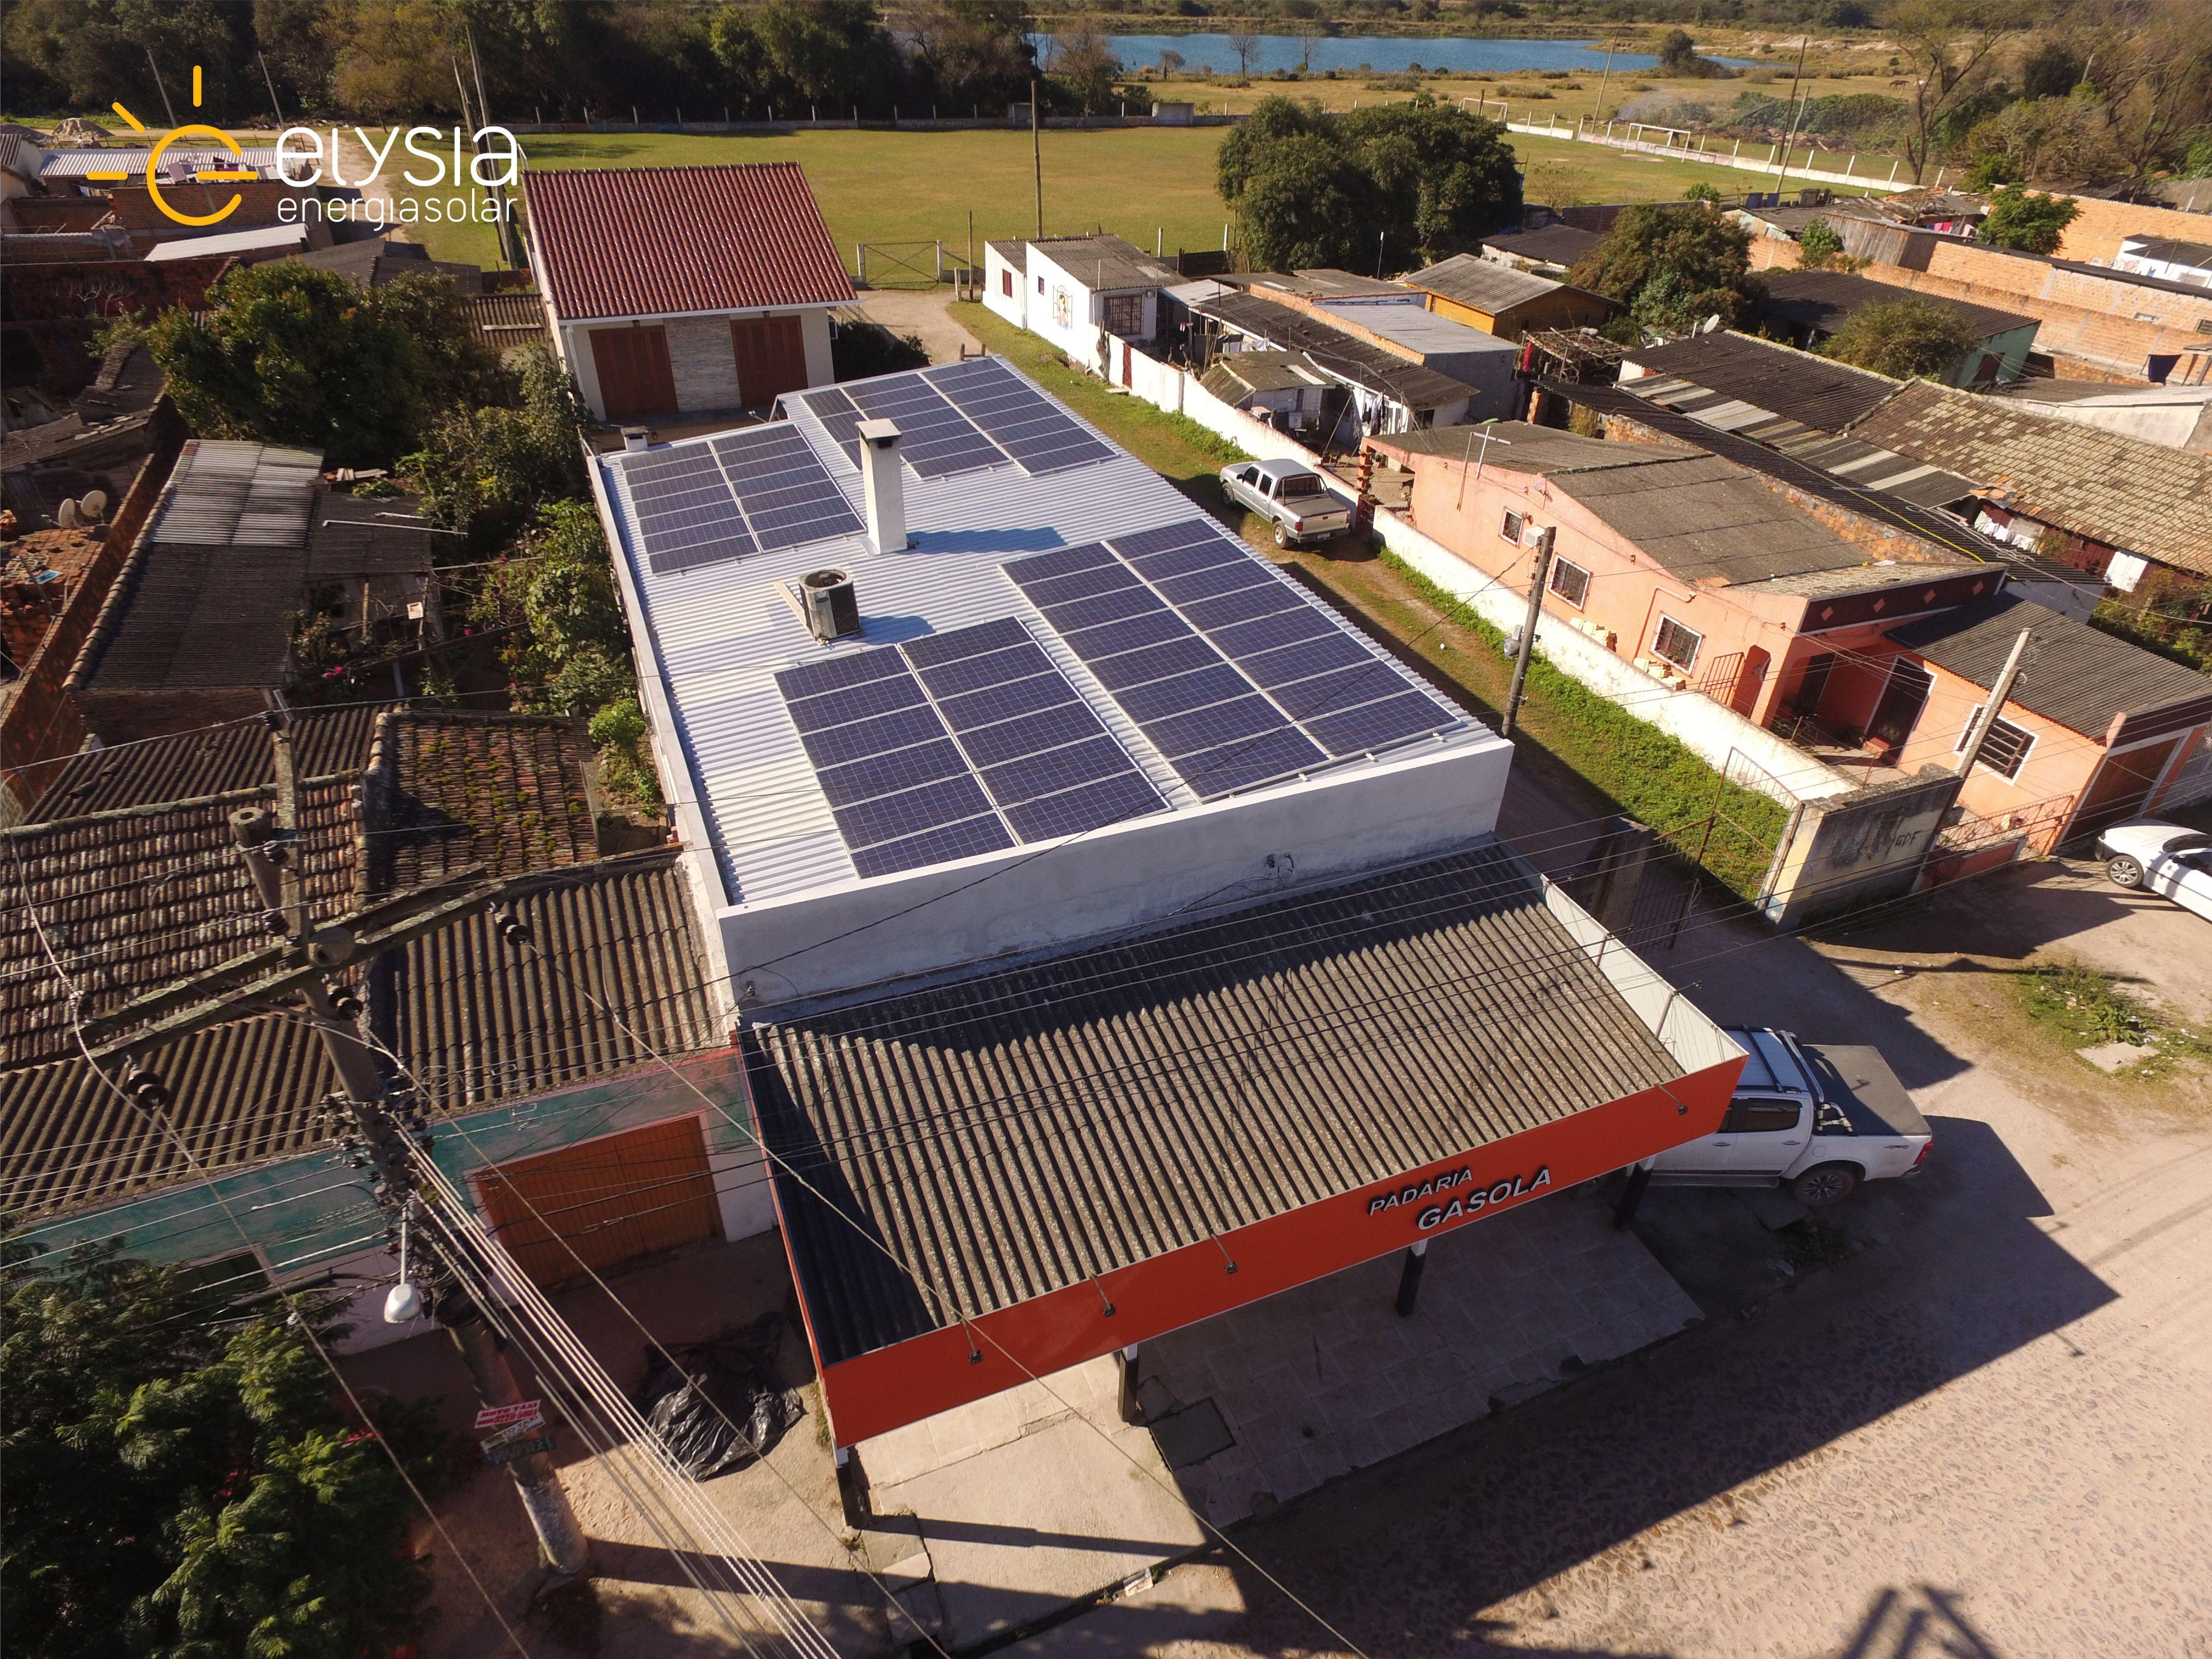 Energia limpa em Pelotas - Elysia energia solar Rio Grande do Sul